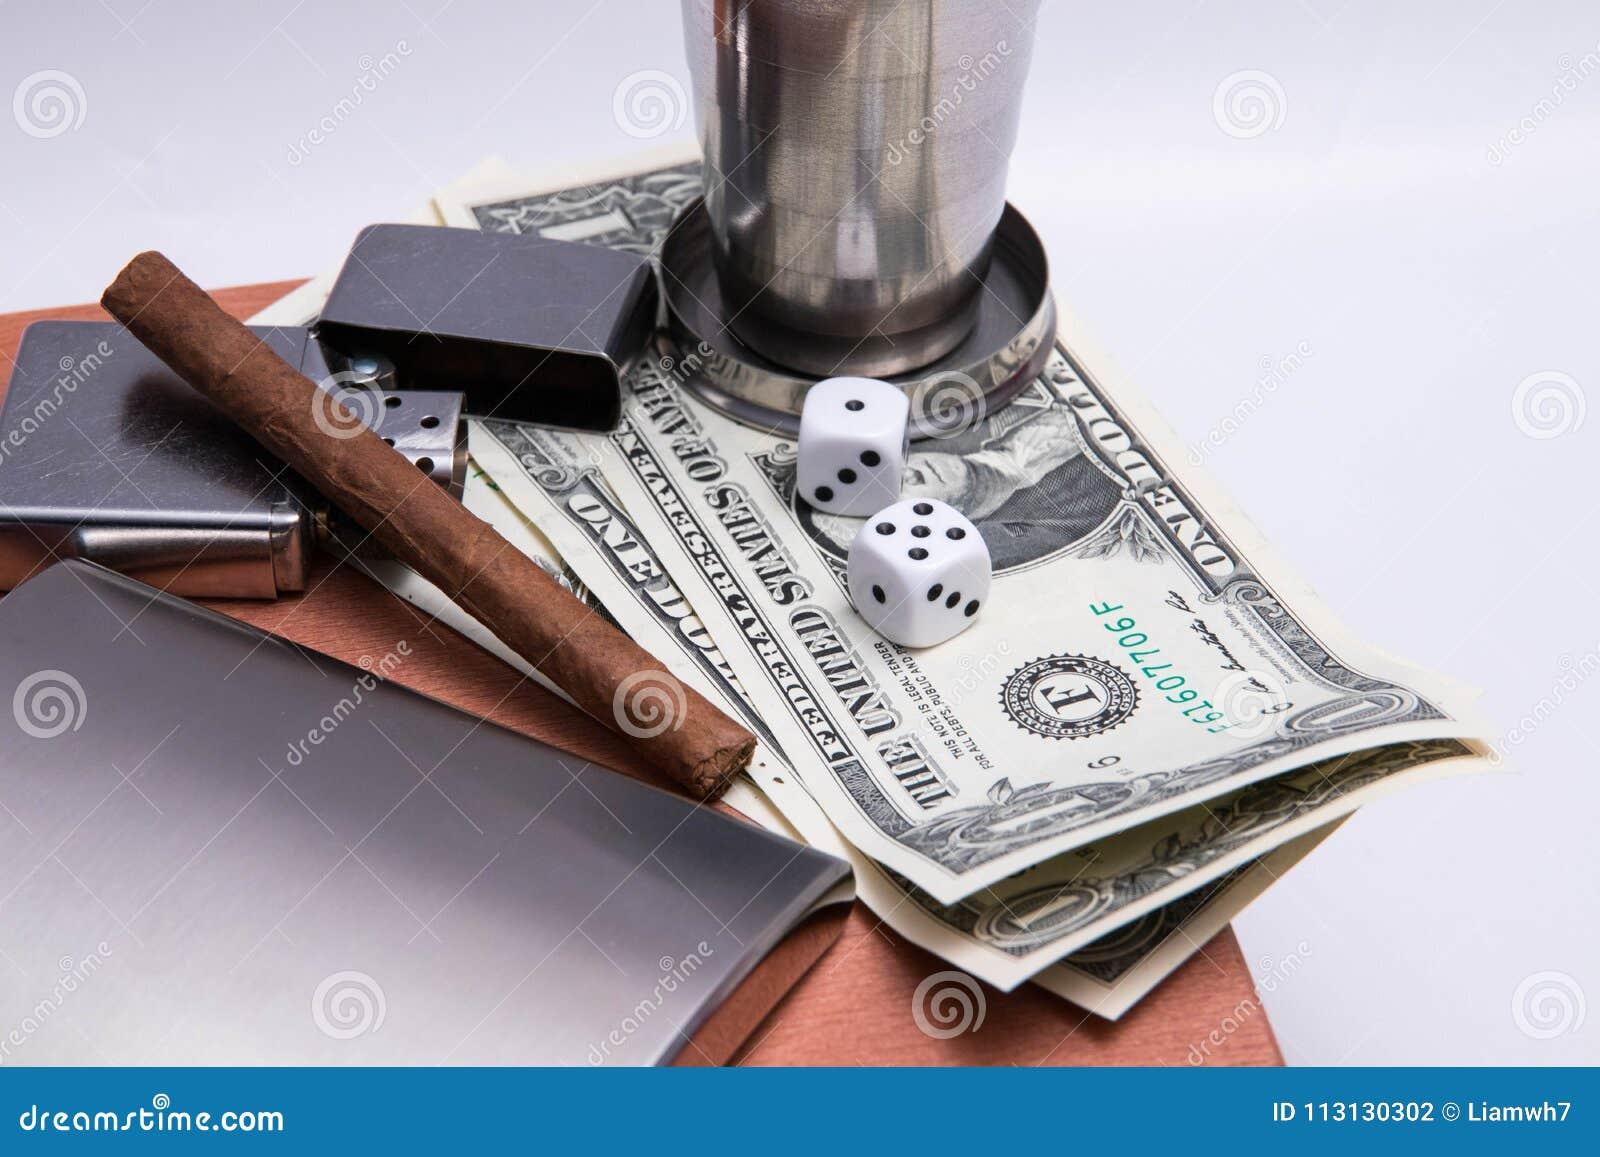 Textura de madera del cigard del alcohol del encendedor de los partidos del zippo del billete de dólar de cristal de destello de